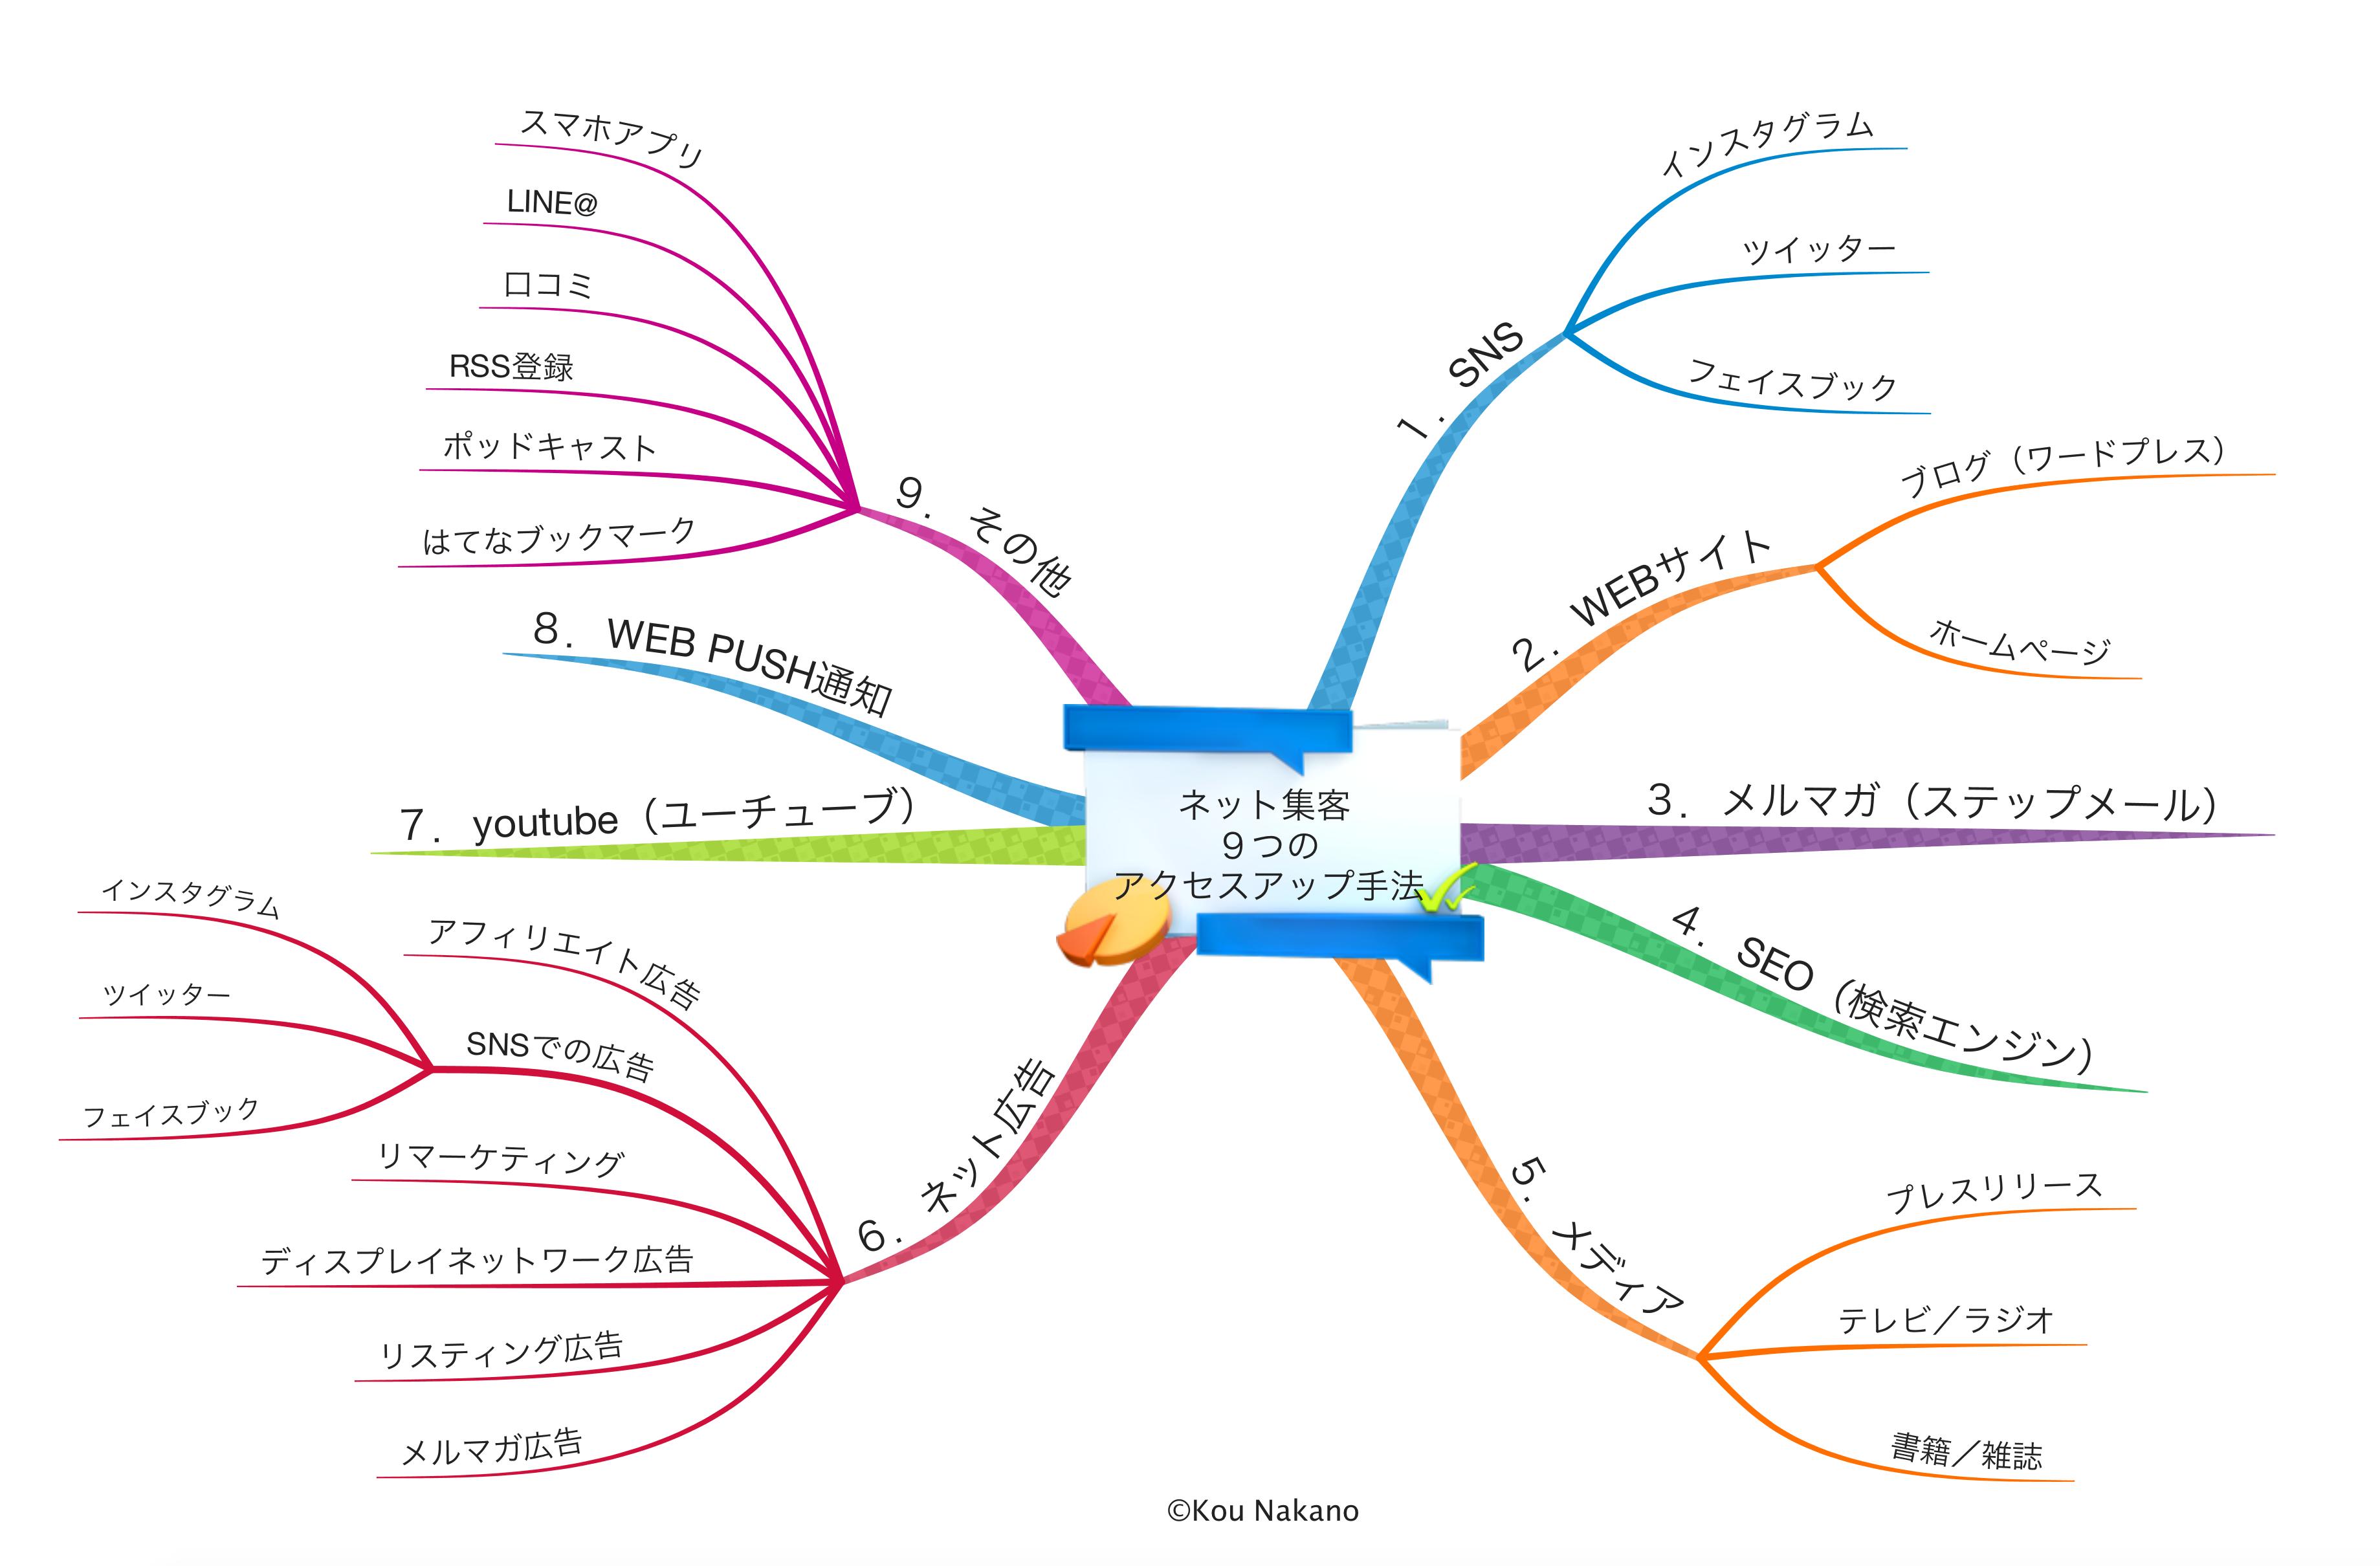 ネット集客9つのアクセスアップ手法